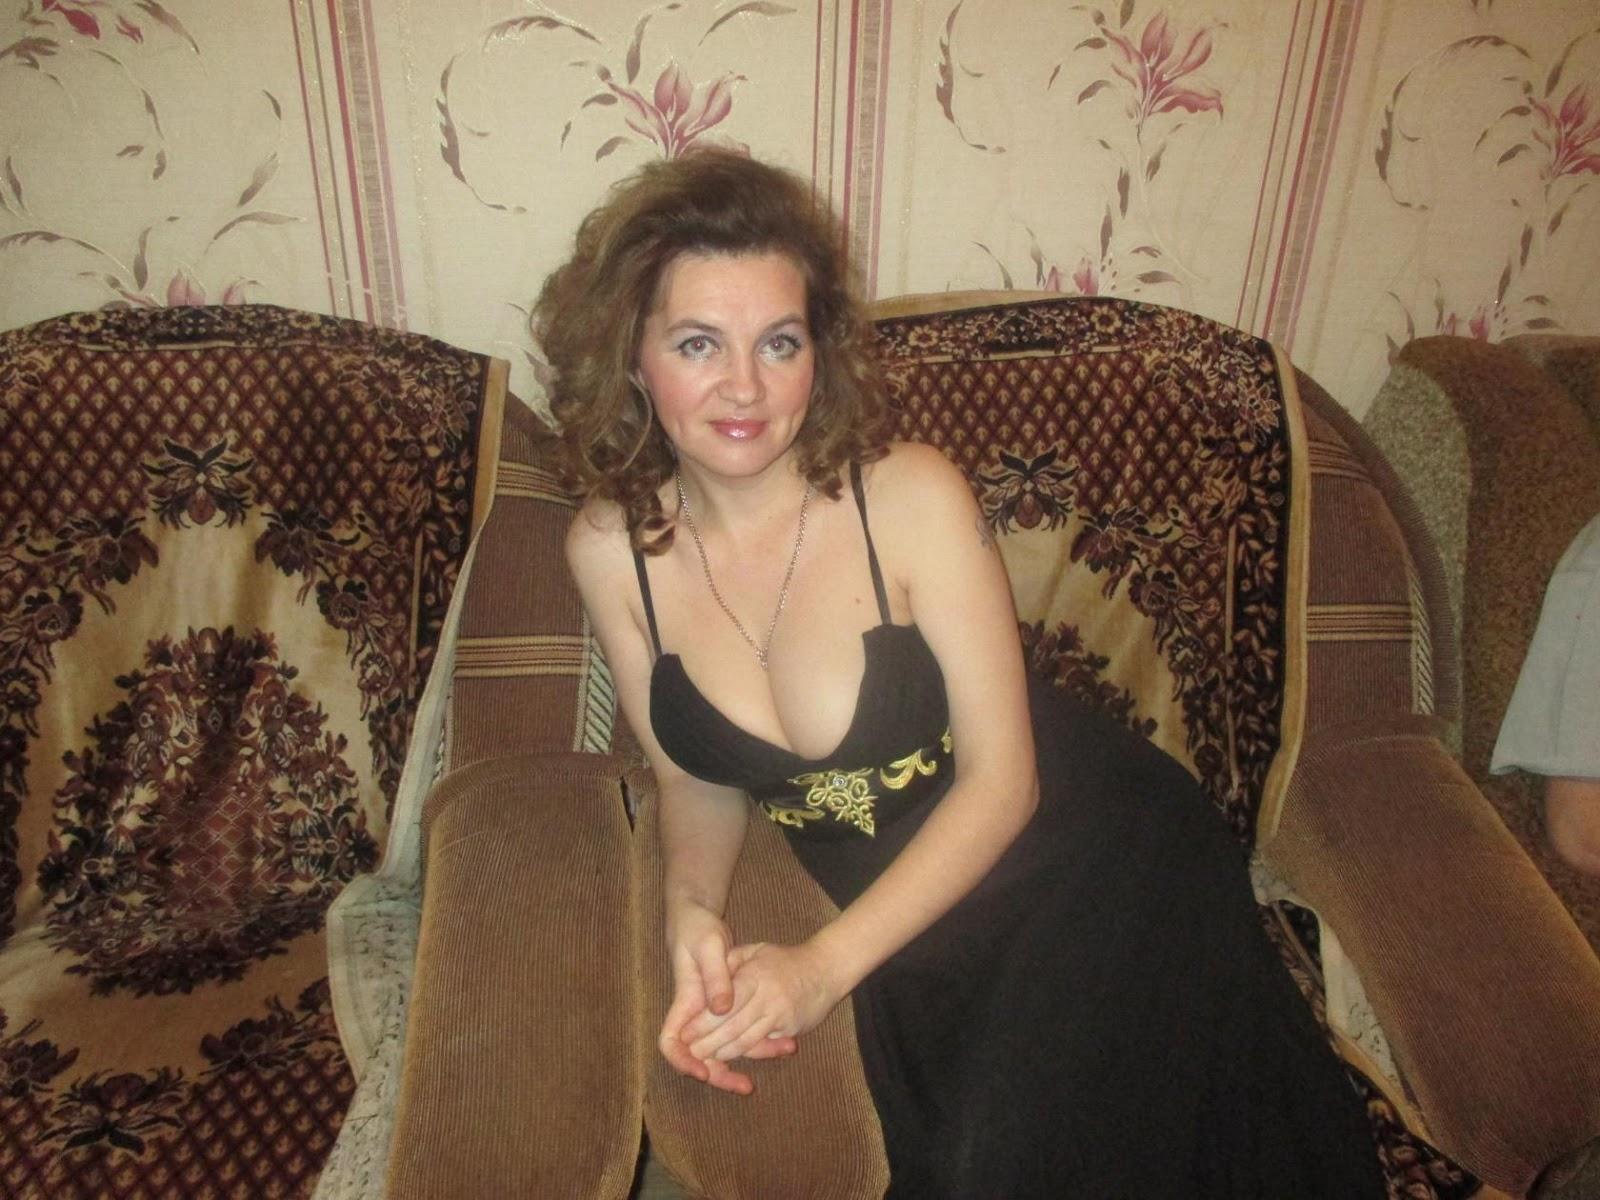 Сайты зрелых мам фото, Порно фото мам, зрелых женщин 11 фотография